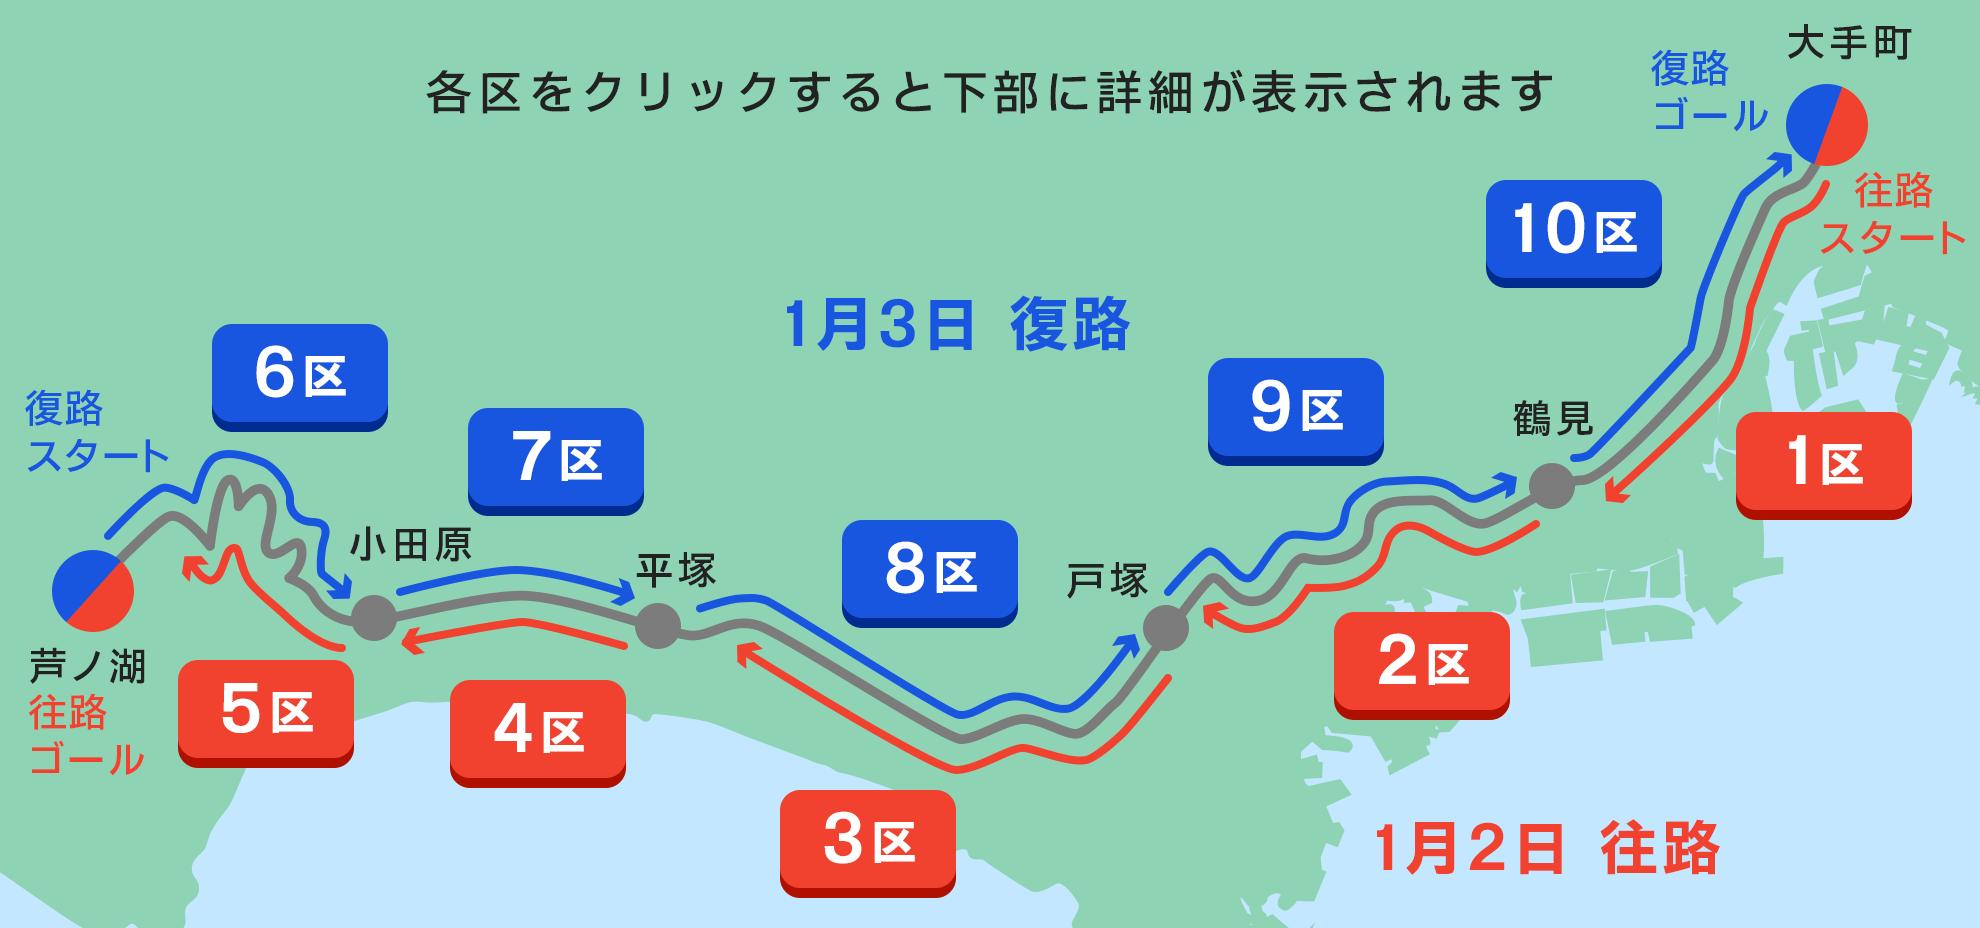 箱根駅伝コース